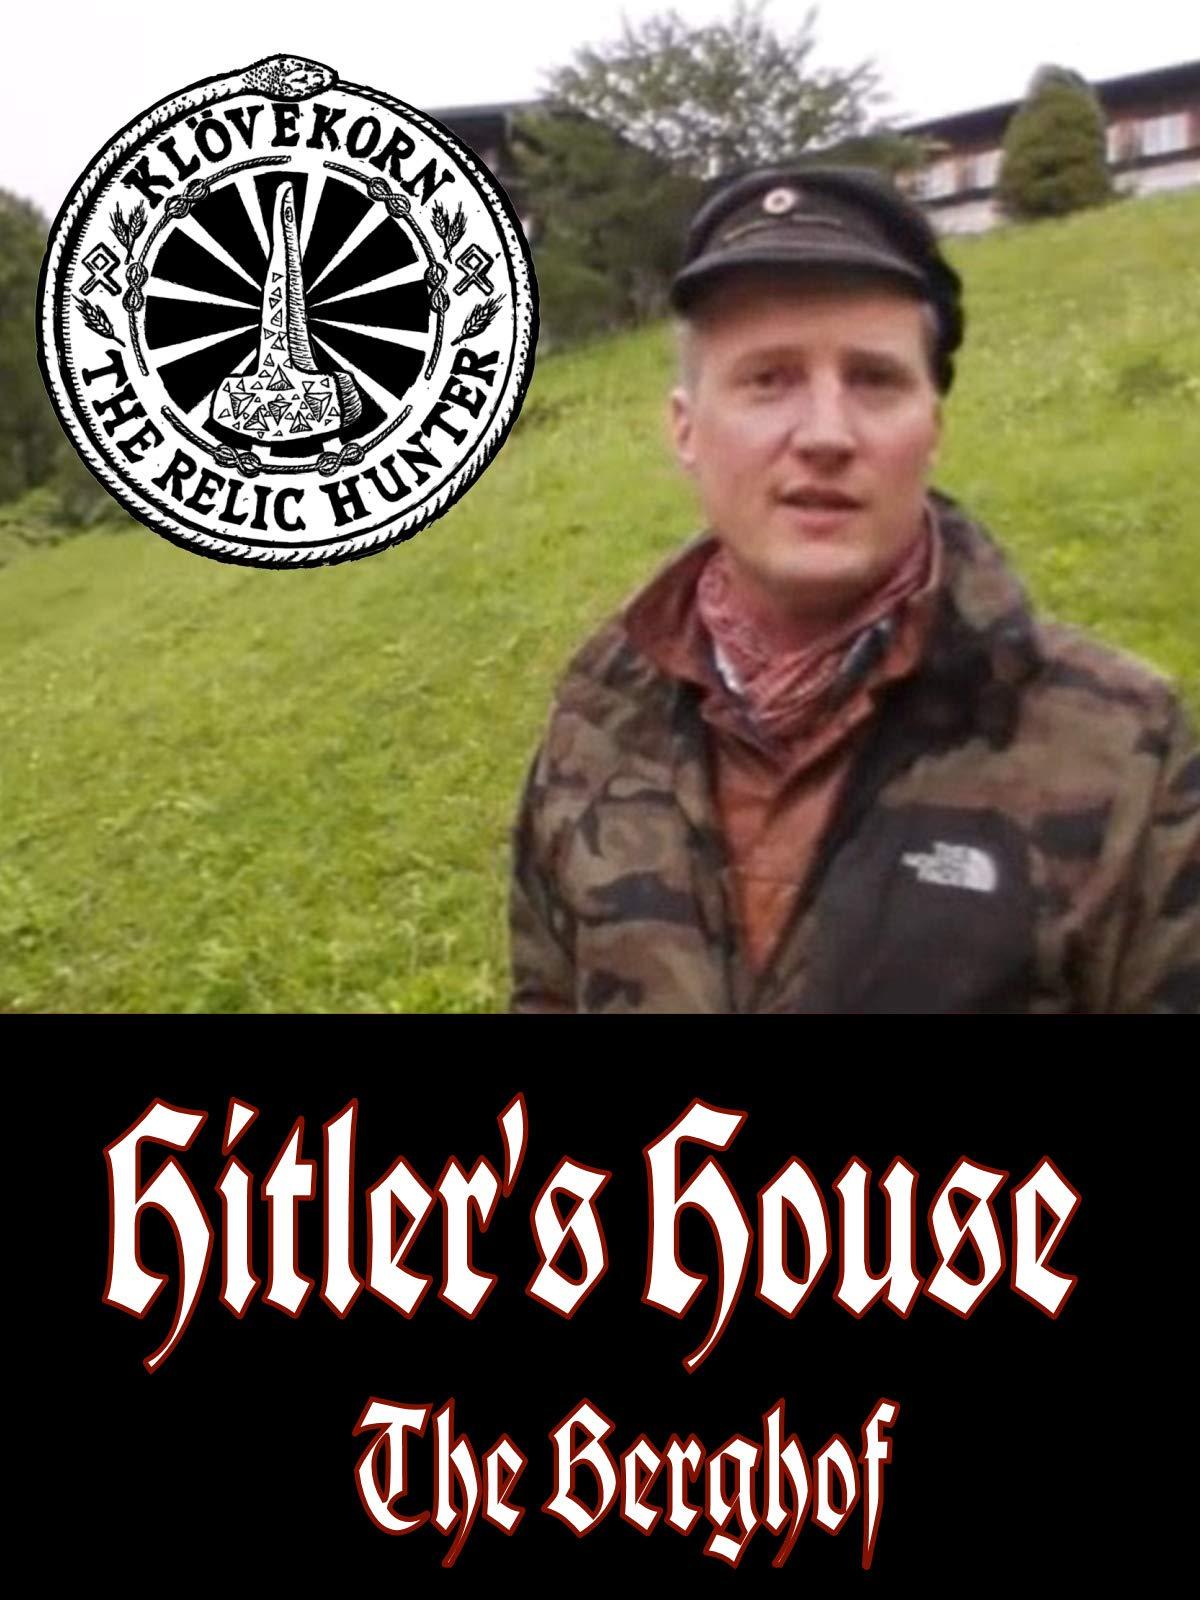 Hitler's House - The Berghof: Klovekorn the Relic Hunter